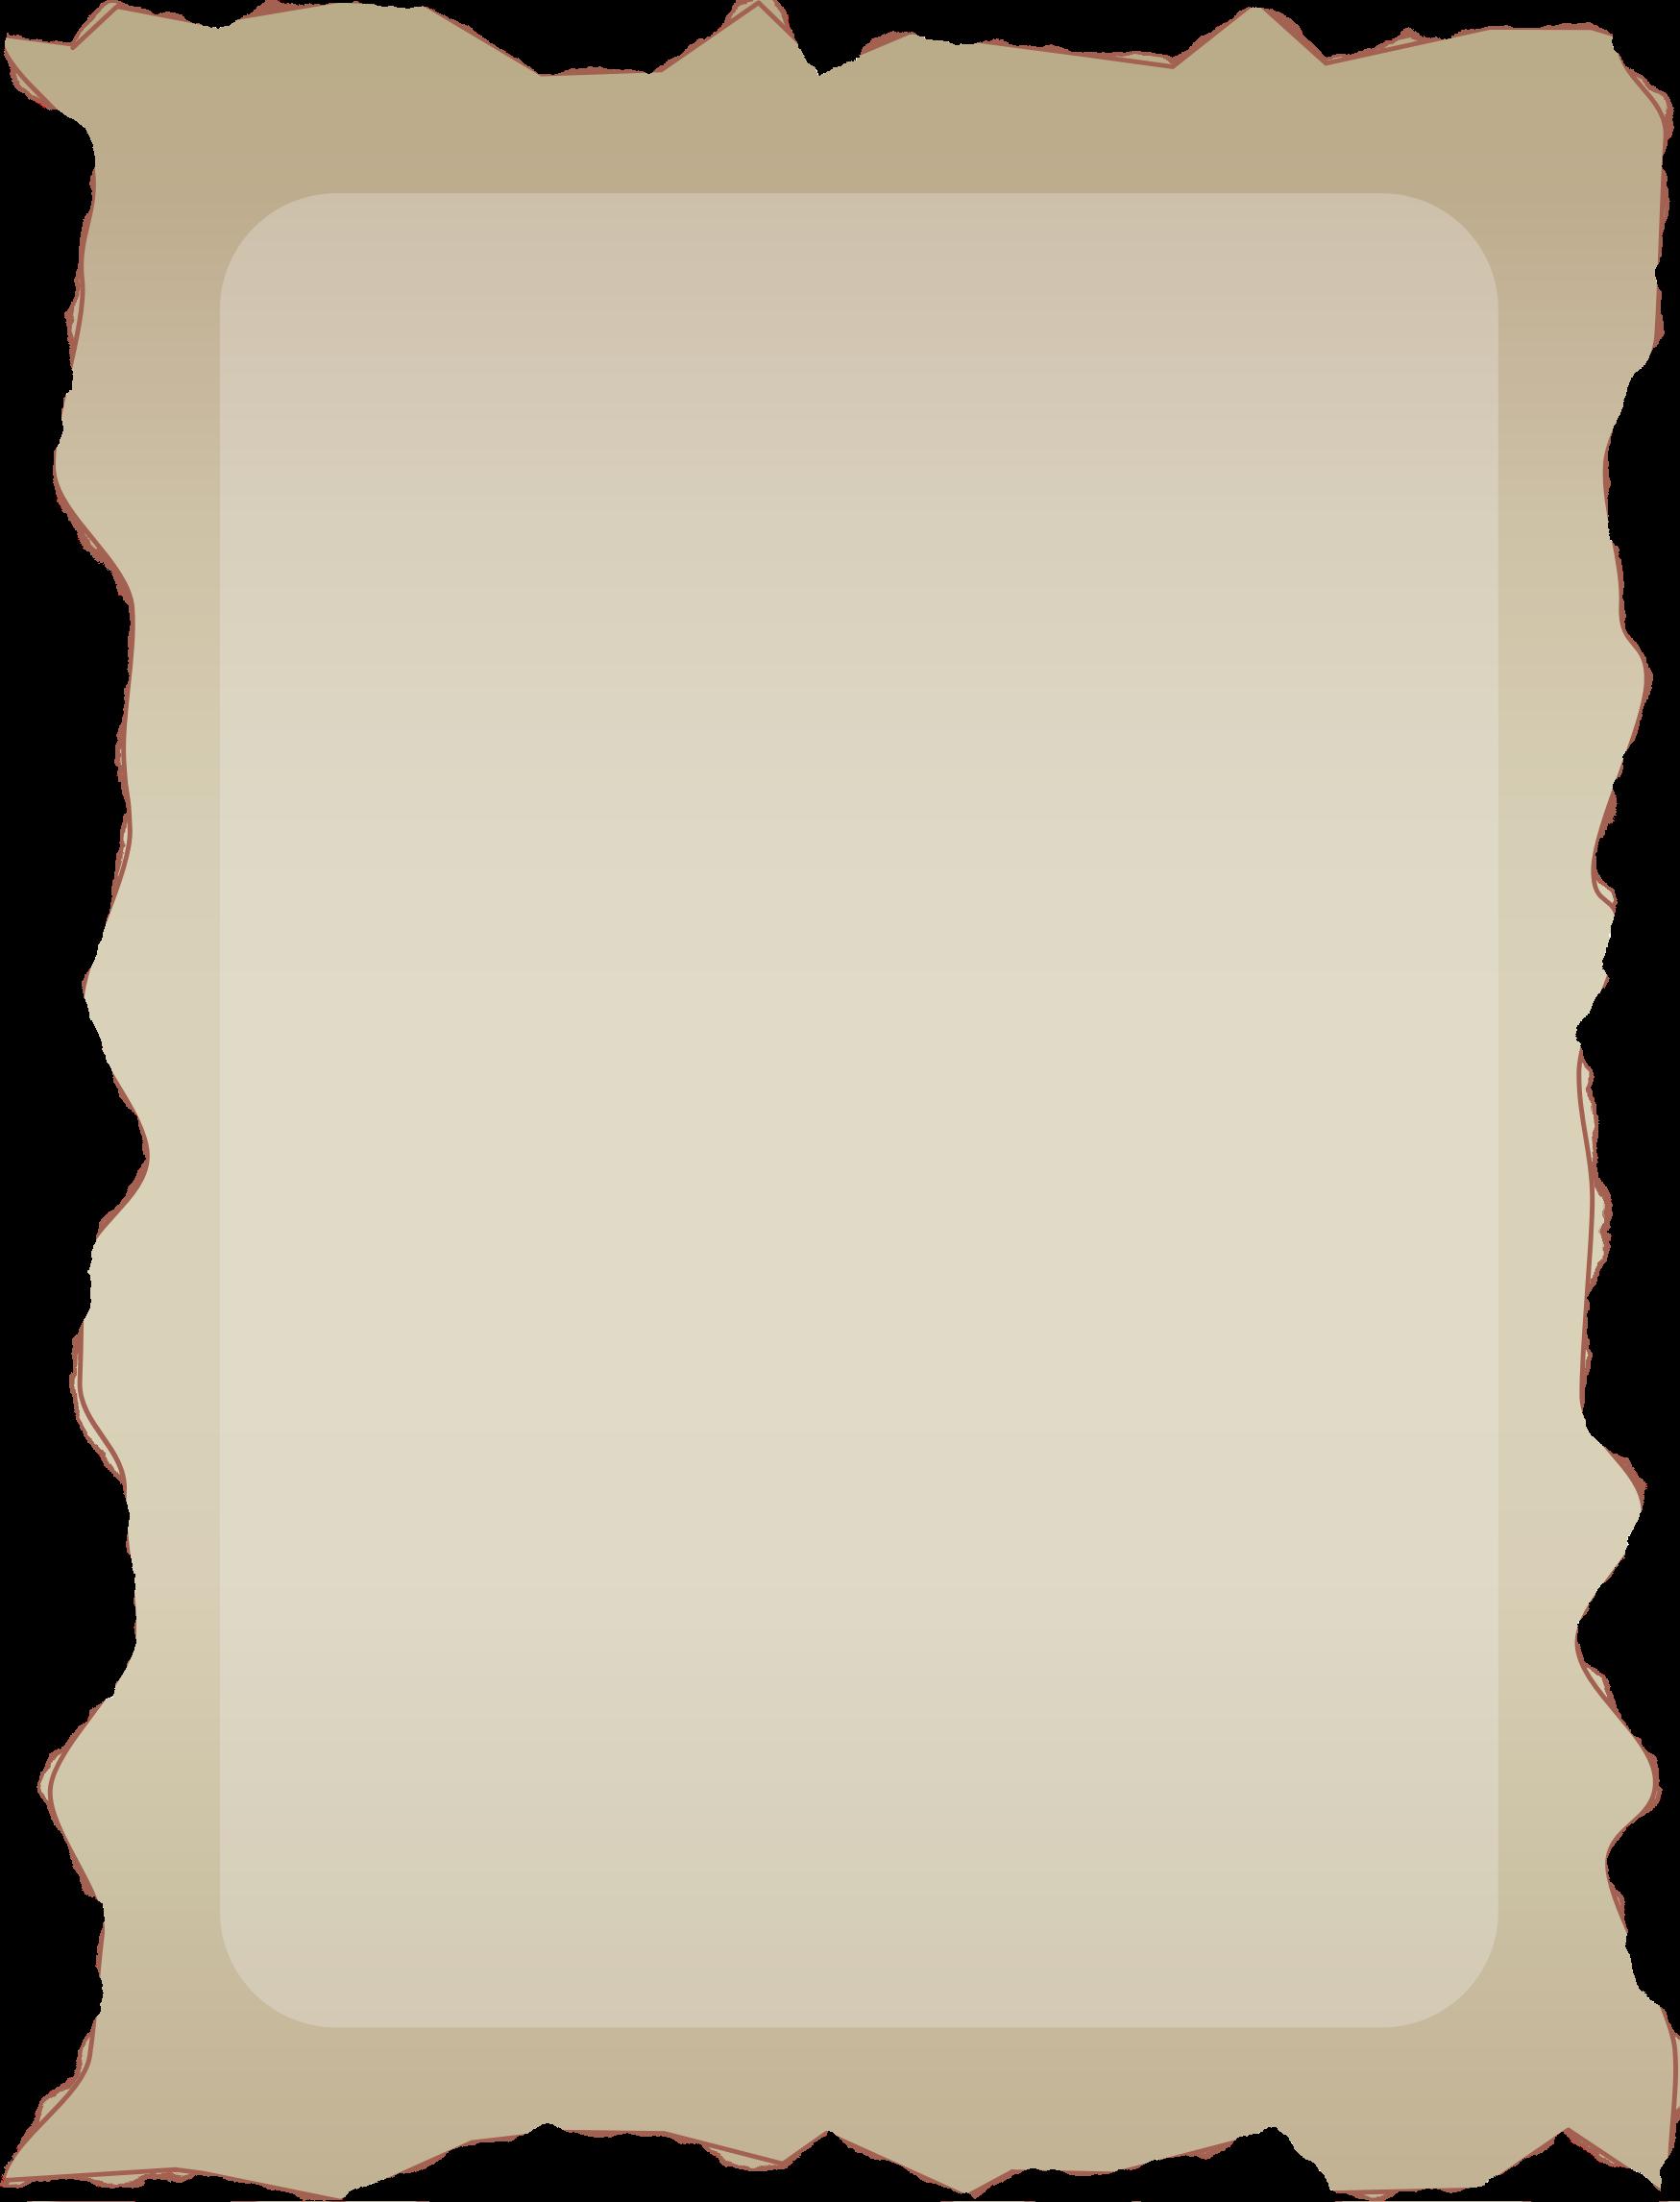 Parchment big image png. Clipart border landscape